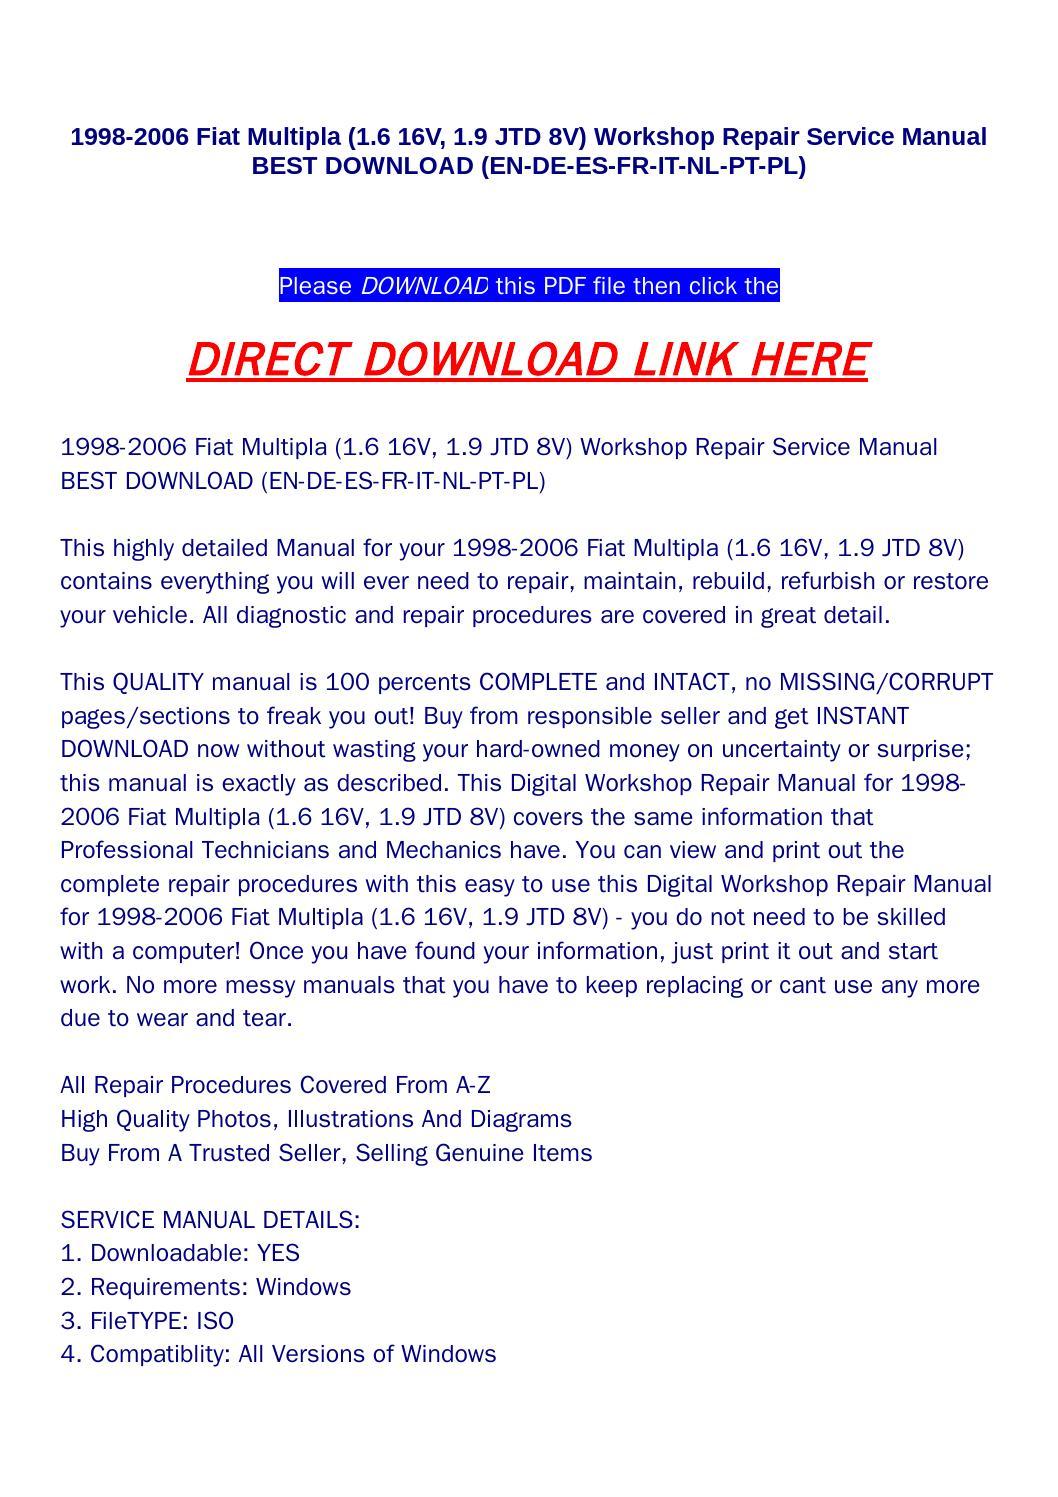 hight resolution of 1998 2006 fiat multipla 1 6 16v 1 9 jtd 8v workshop repair